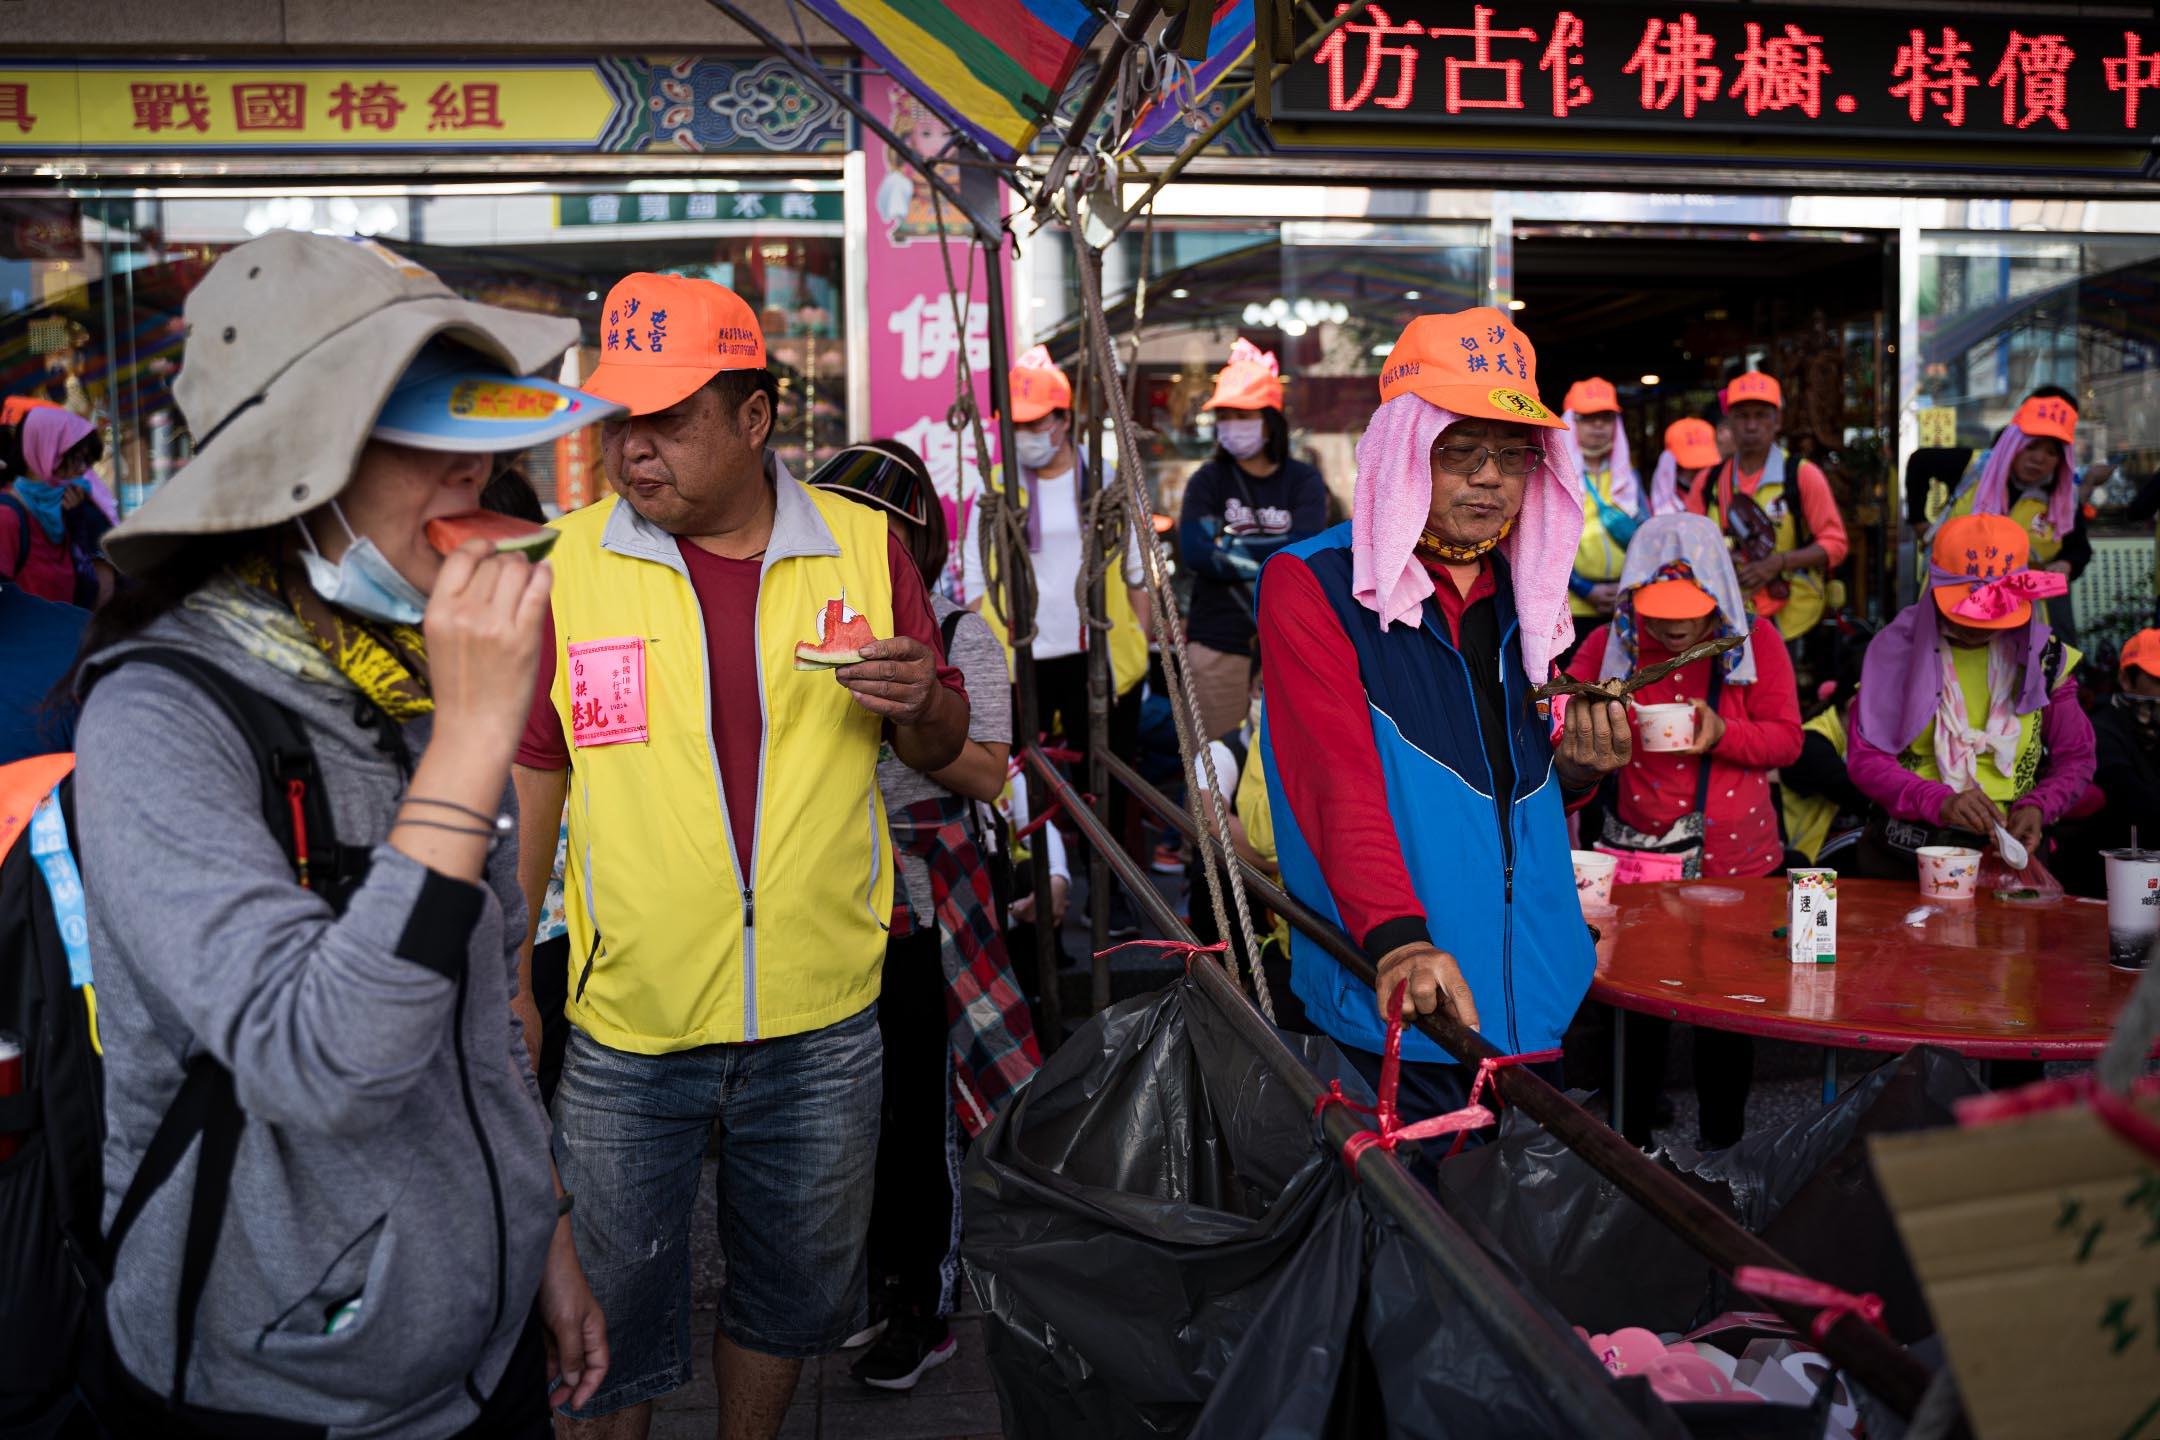 此時適逢台灣西北部平原西瓜生產季節,沿途有不少商家、農家擺出西瓜給信眾消暑解渴。